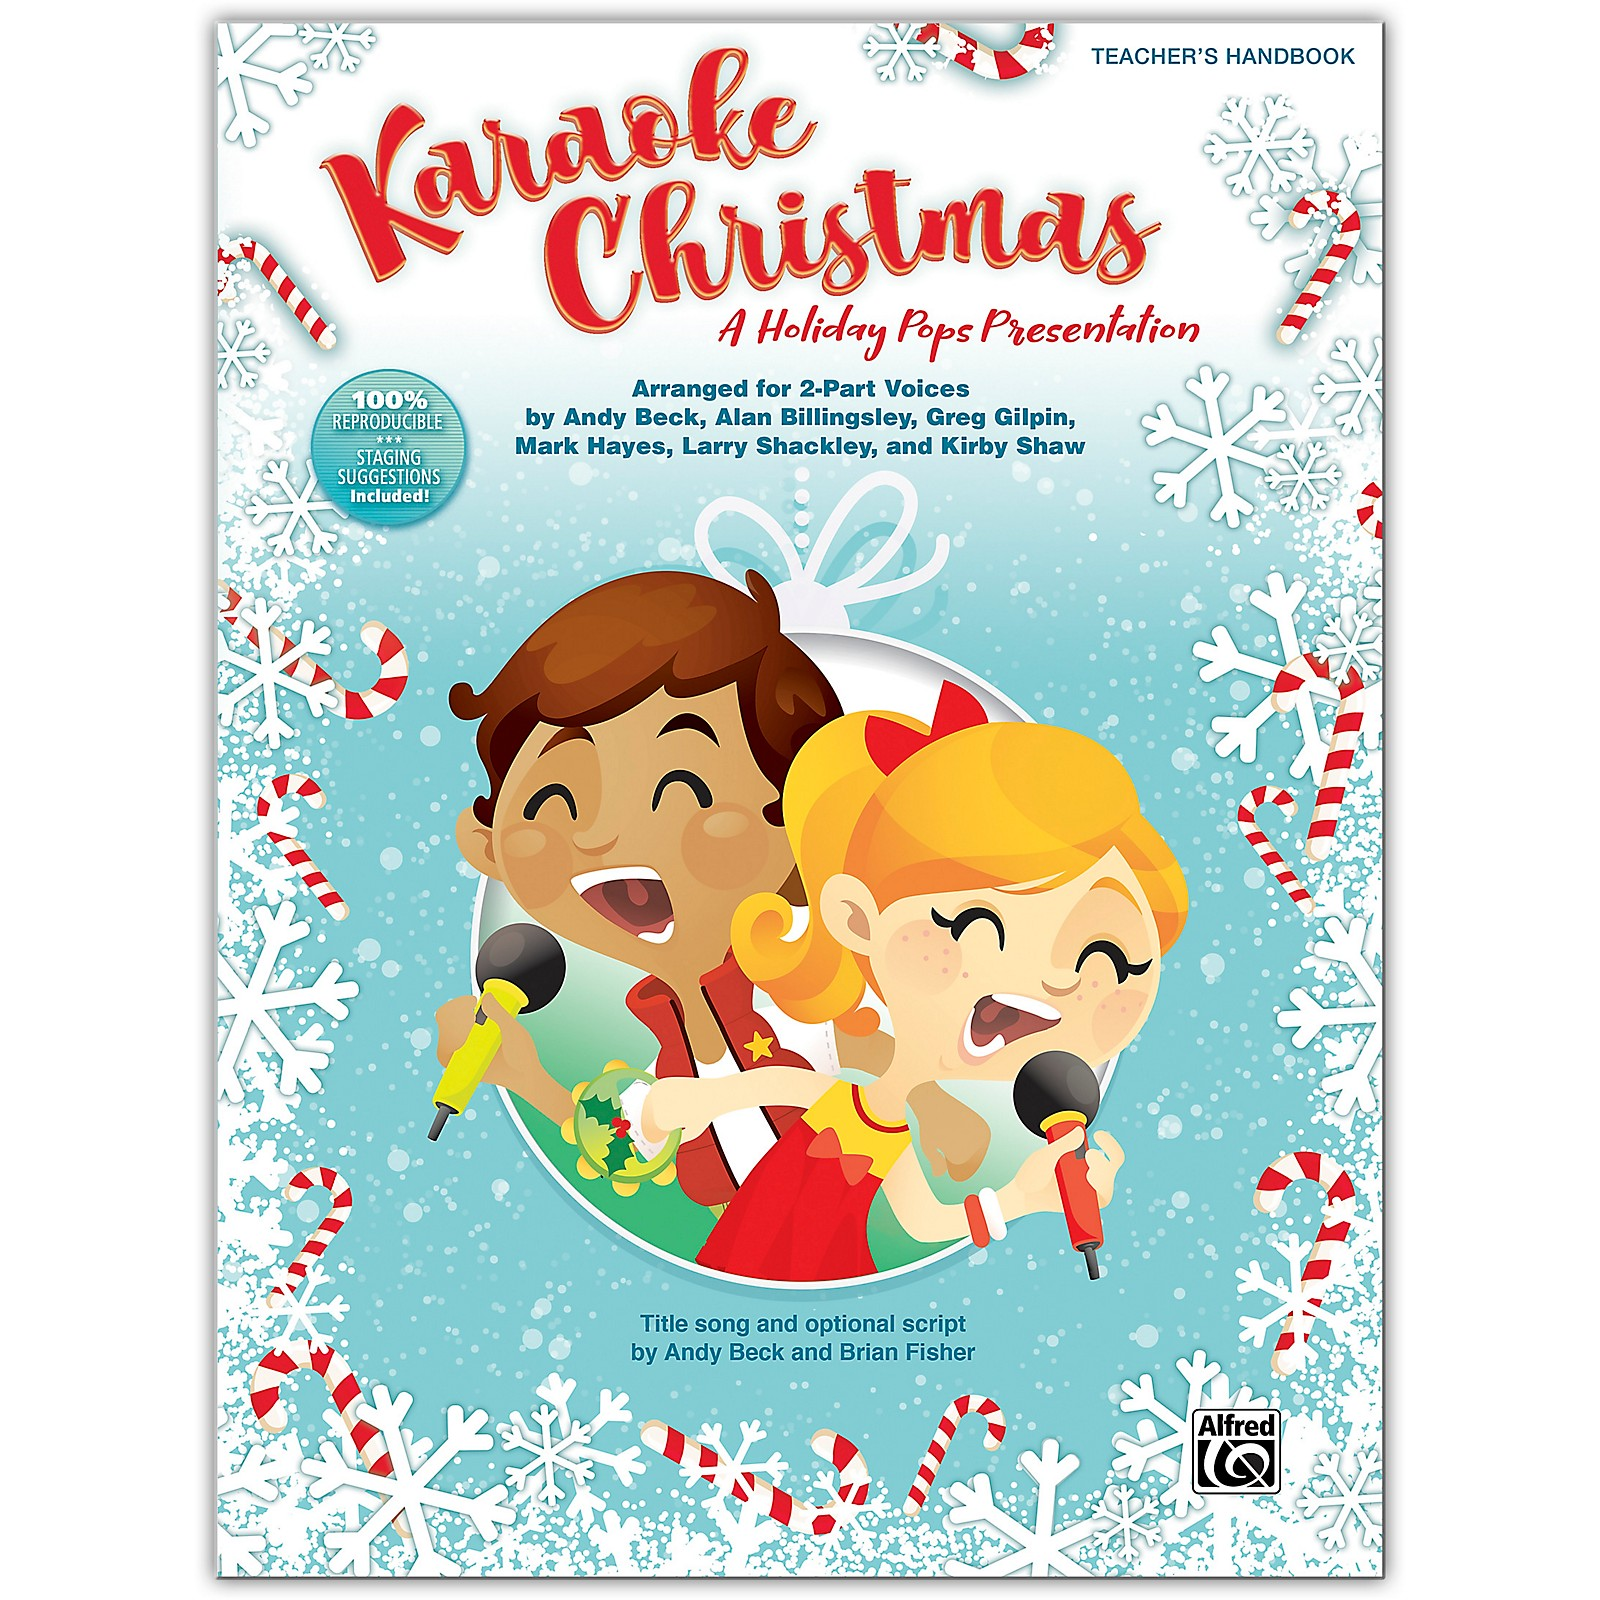 Alfred Karaoke Christmas Teacher's Handbook (100% Reproducible) Grades 3-8